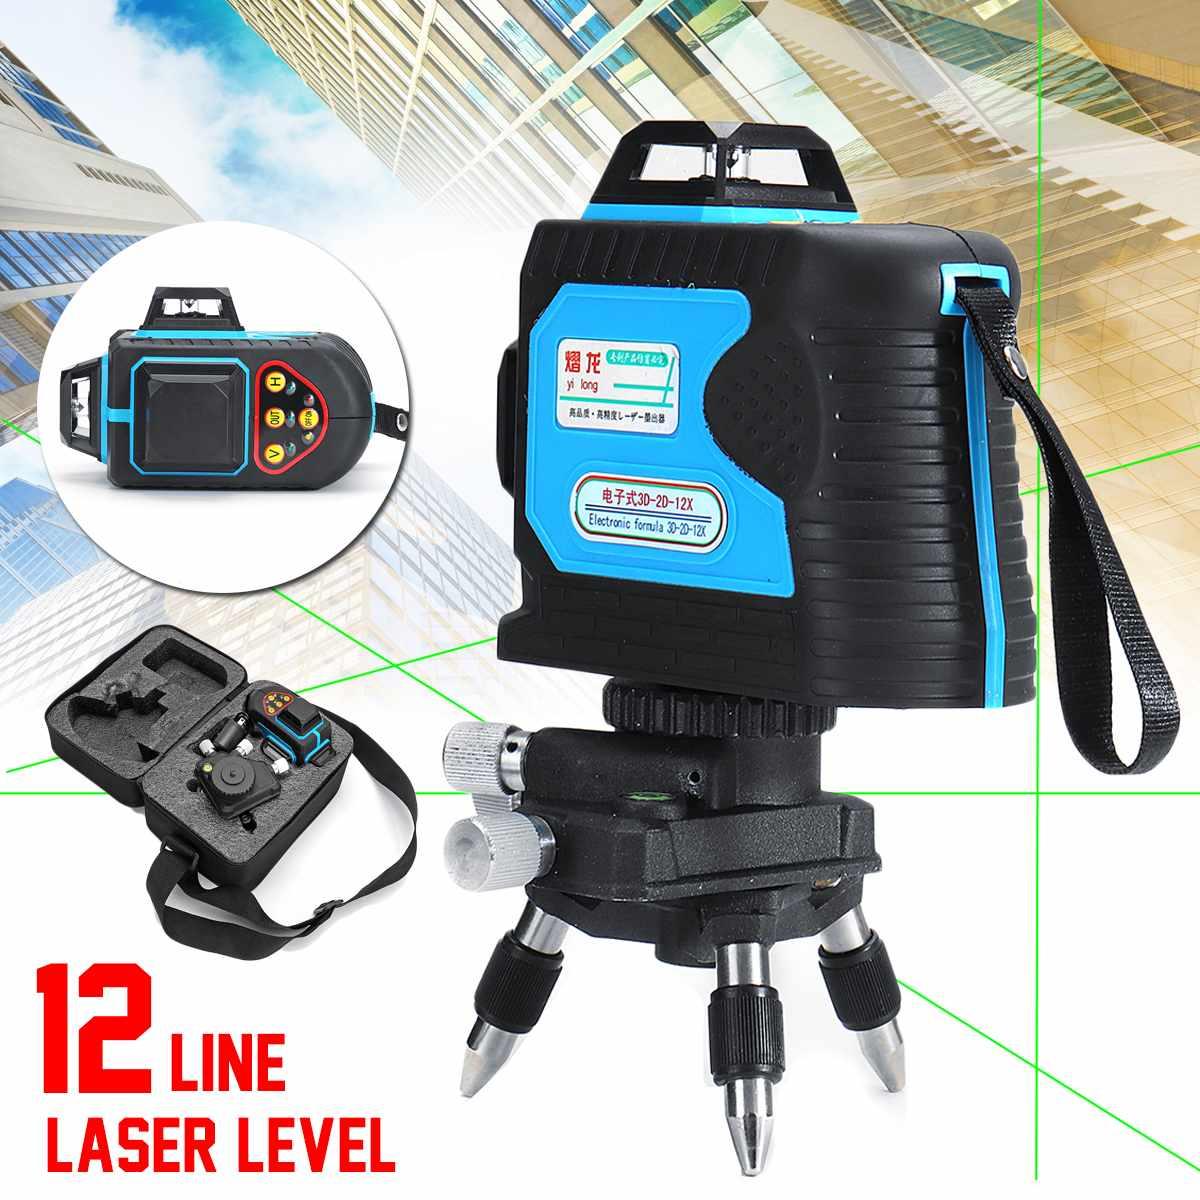 Зеленый лазерный уровень 3D точность наливные 360 120X12 линий дистанционное управление противоударный 532nm длина волны перезаряжаемые точн